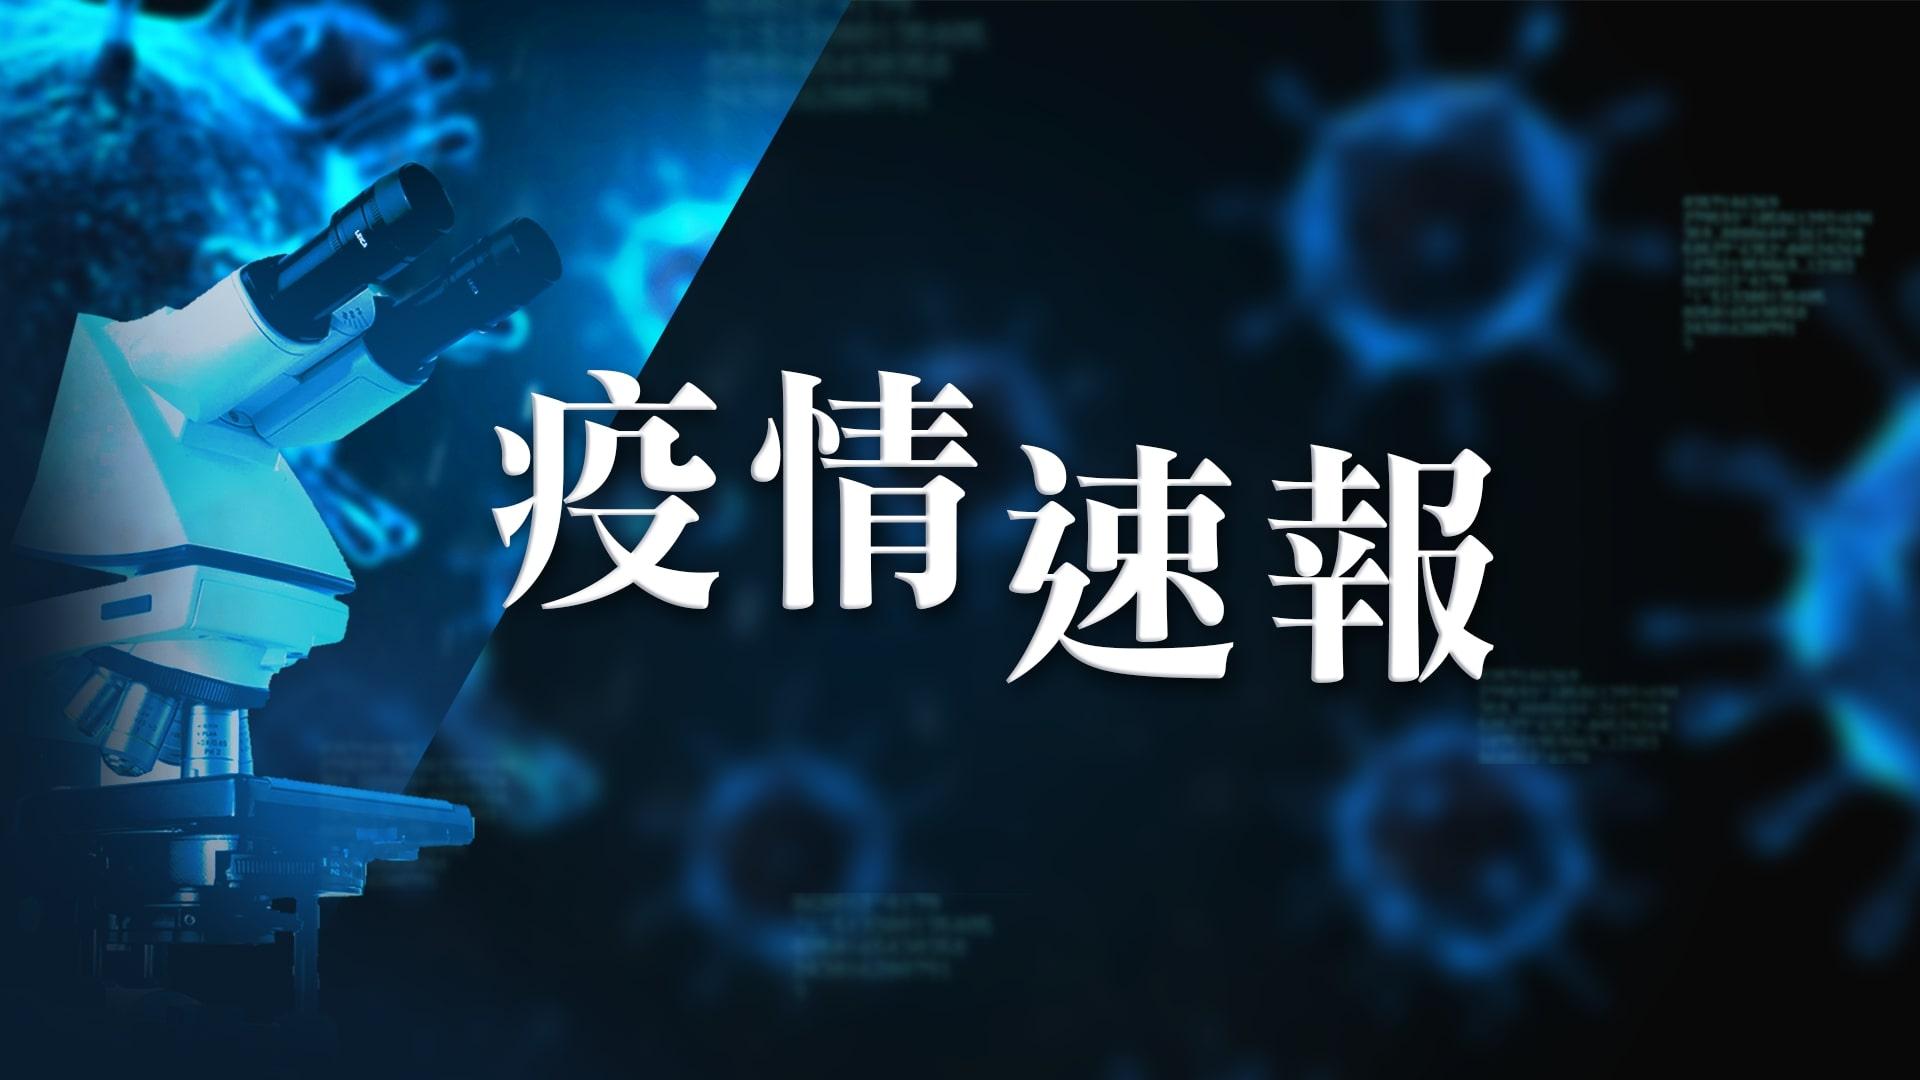 【10月27日疫情速報】(14:20)